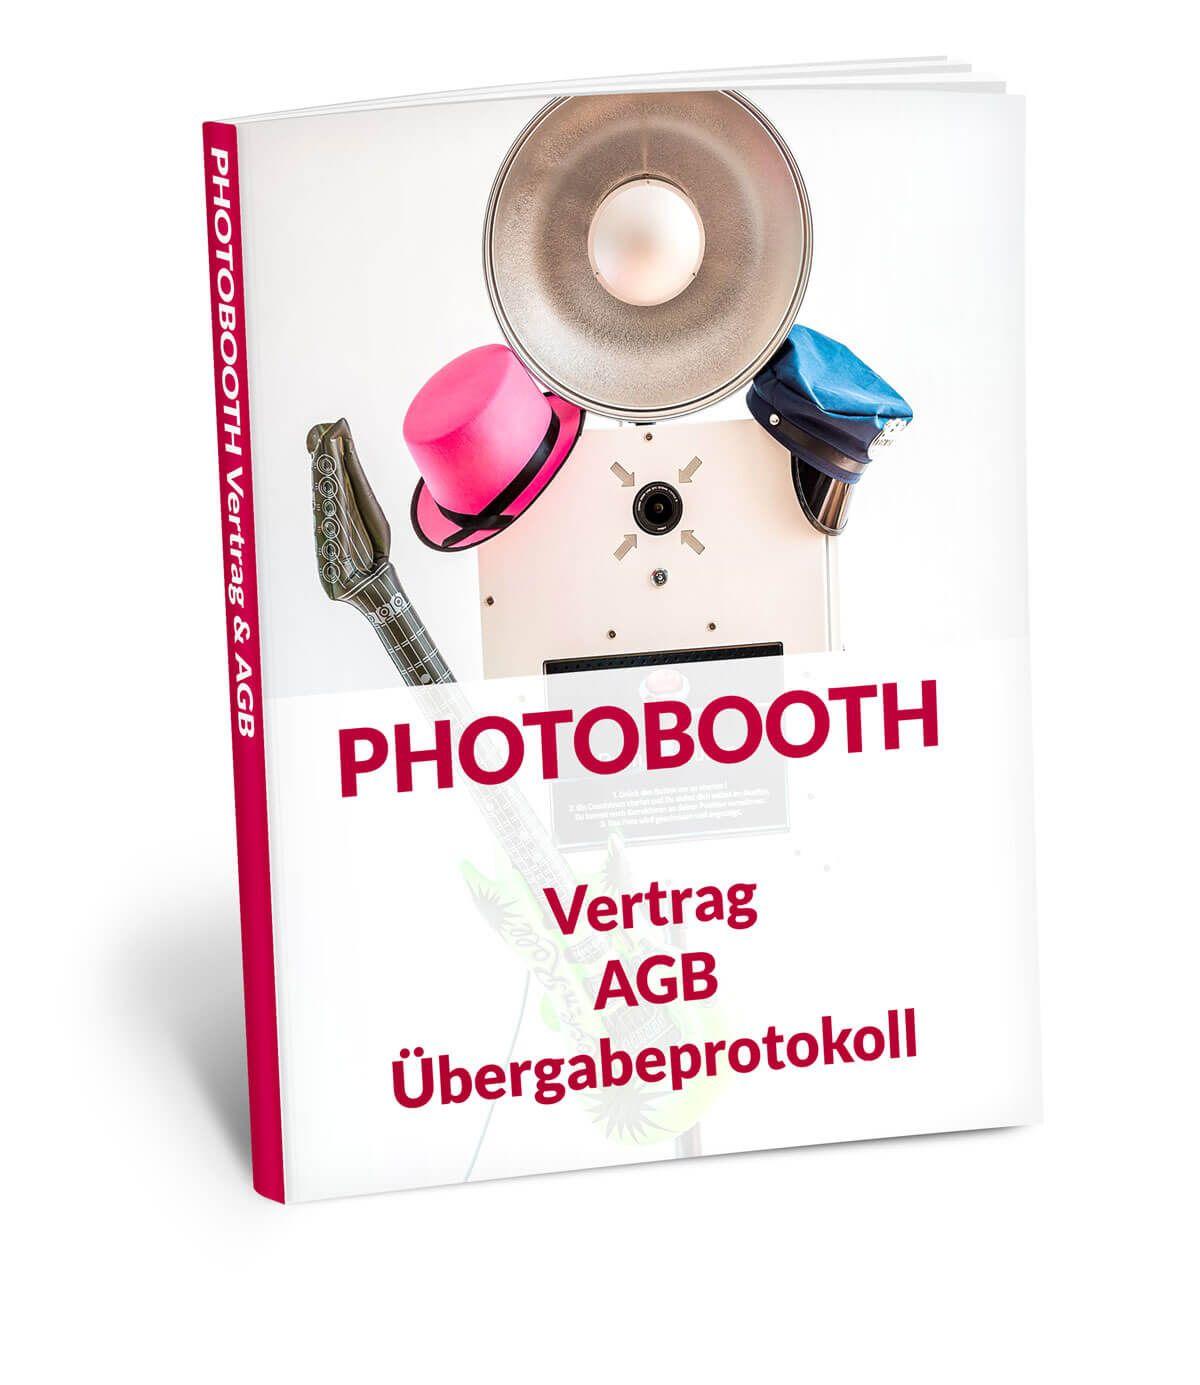 Photo Booth Vorlagen Vertrag Vertragsvorlage Photobooth Mietvertrag ...